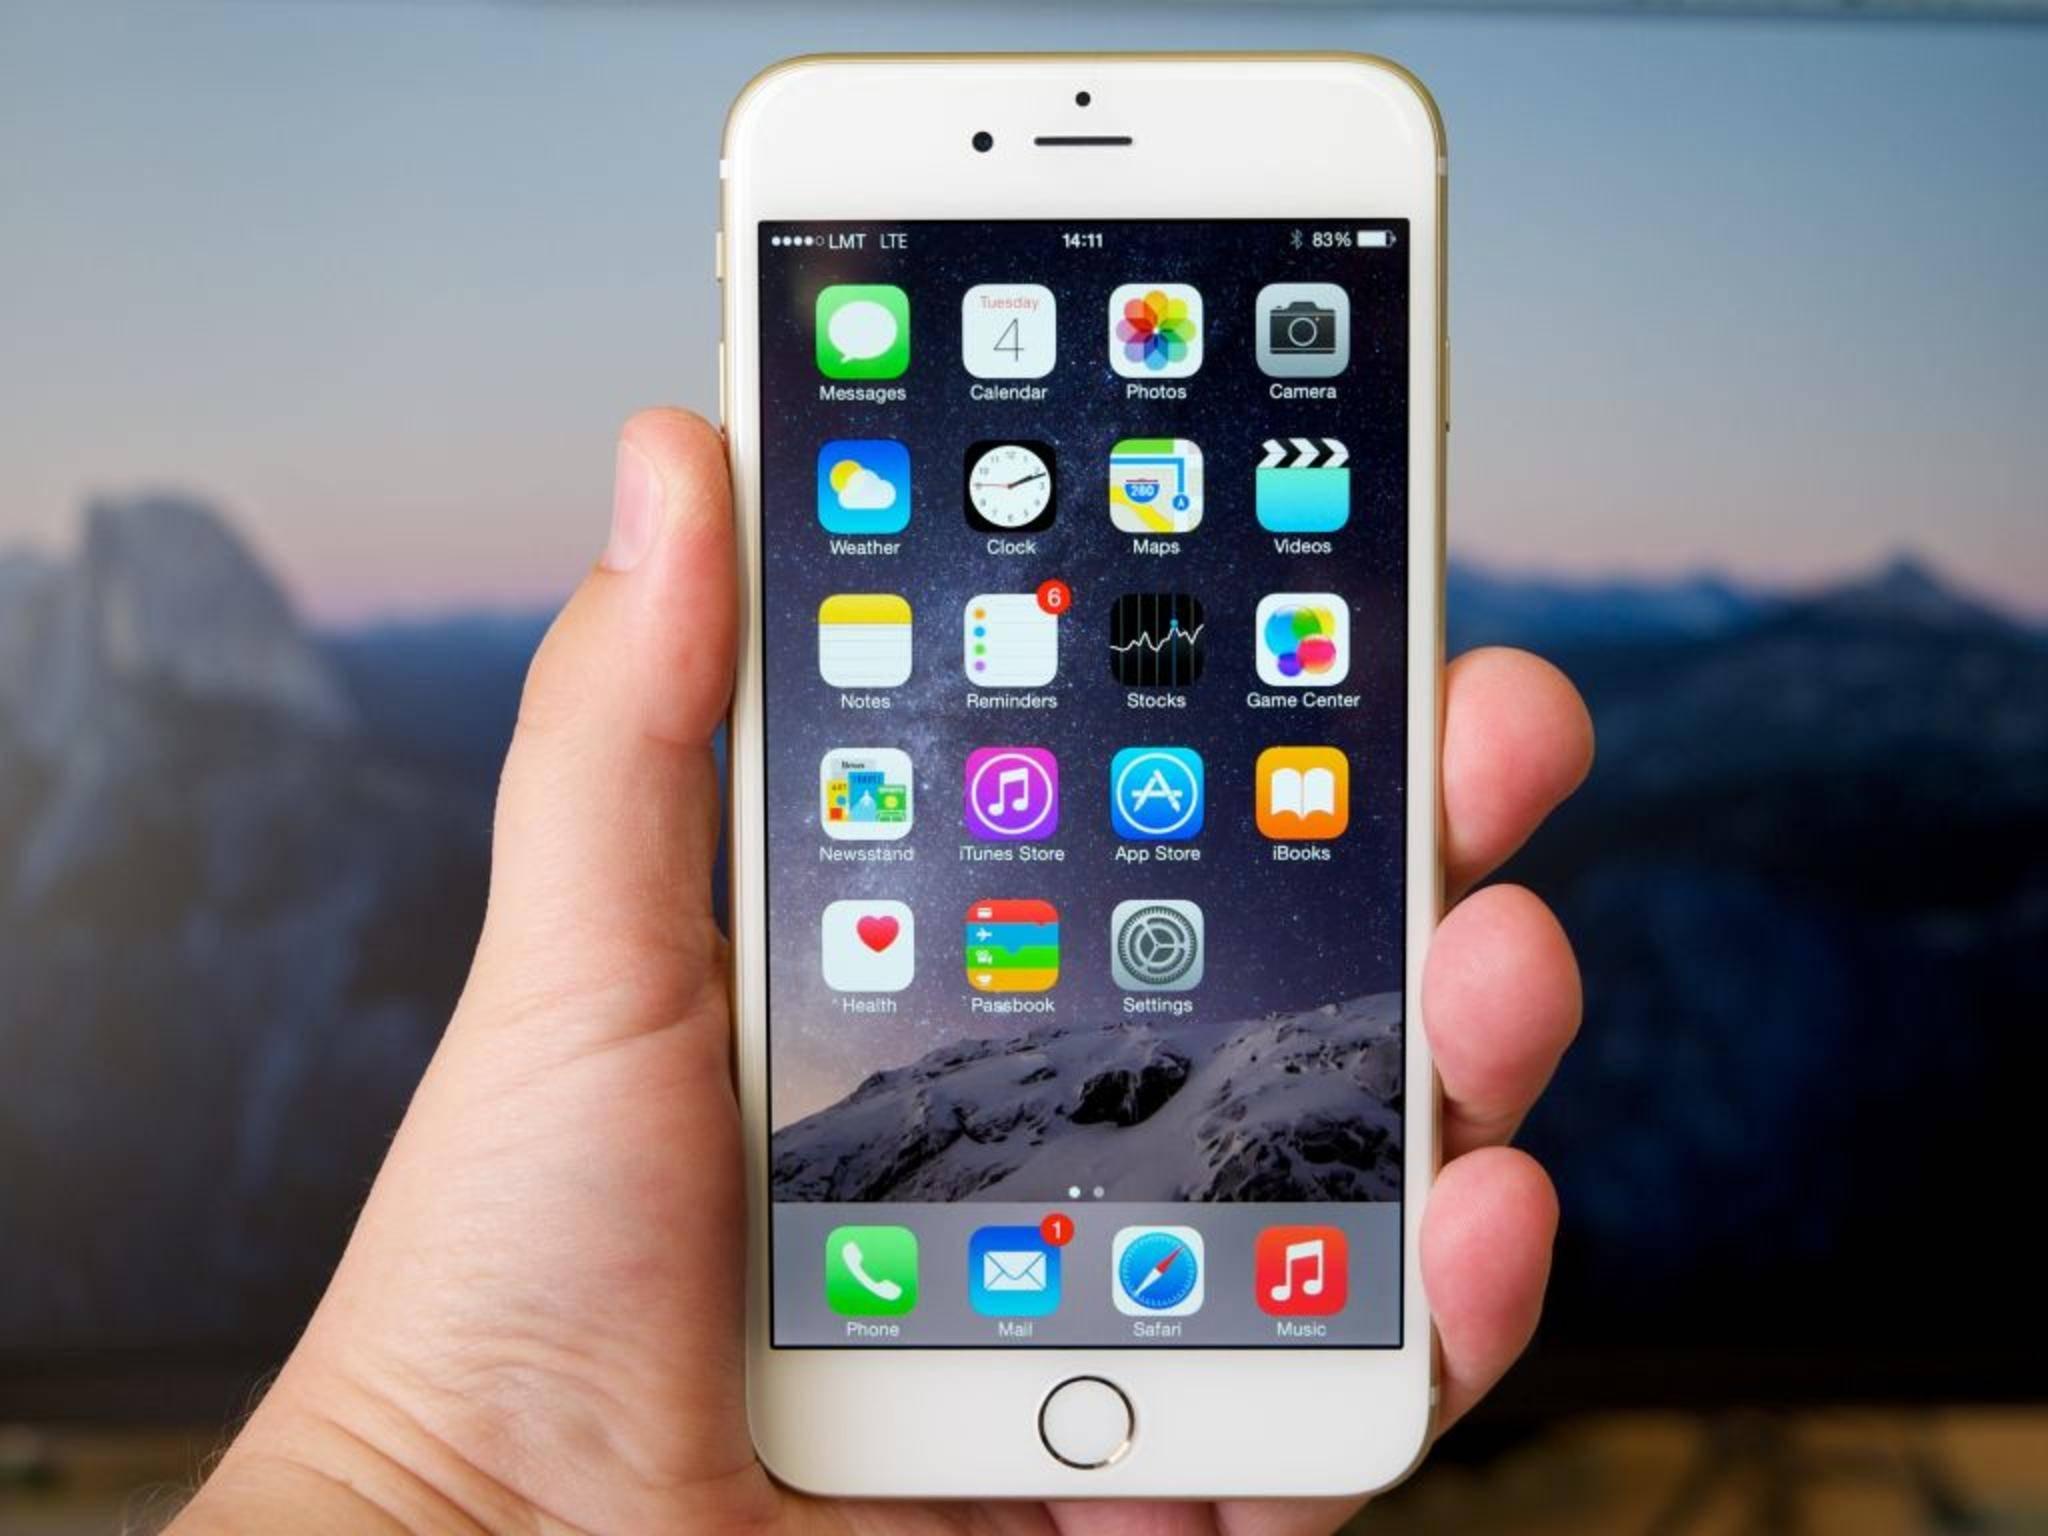 Jeder iOS-Homescreen ist überfüllt mit nicht löschbaren System-Apps.